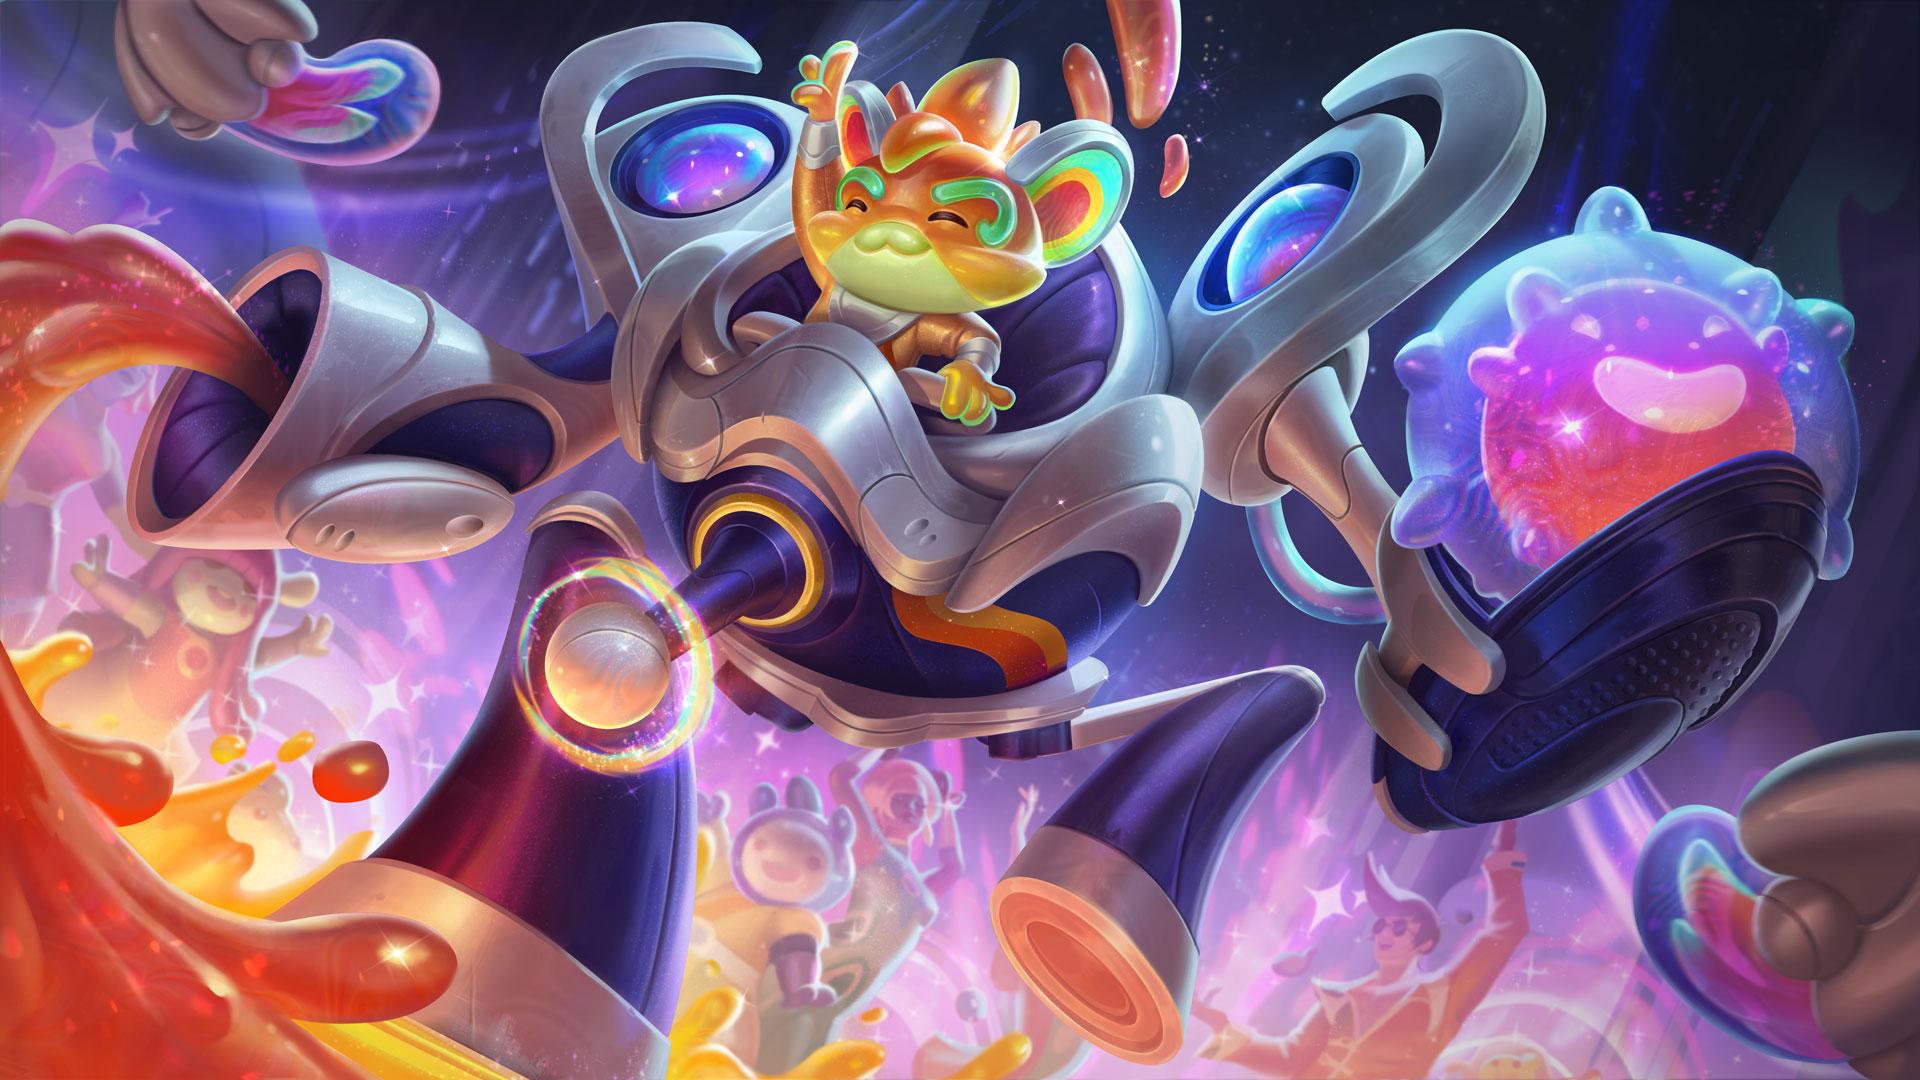 SpaceGroove_Rumble_Final.jpg